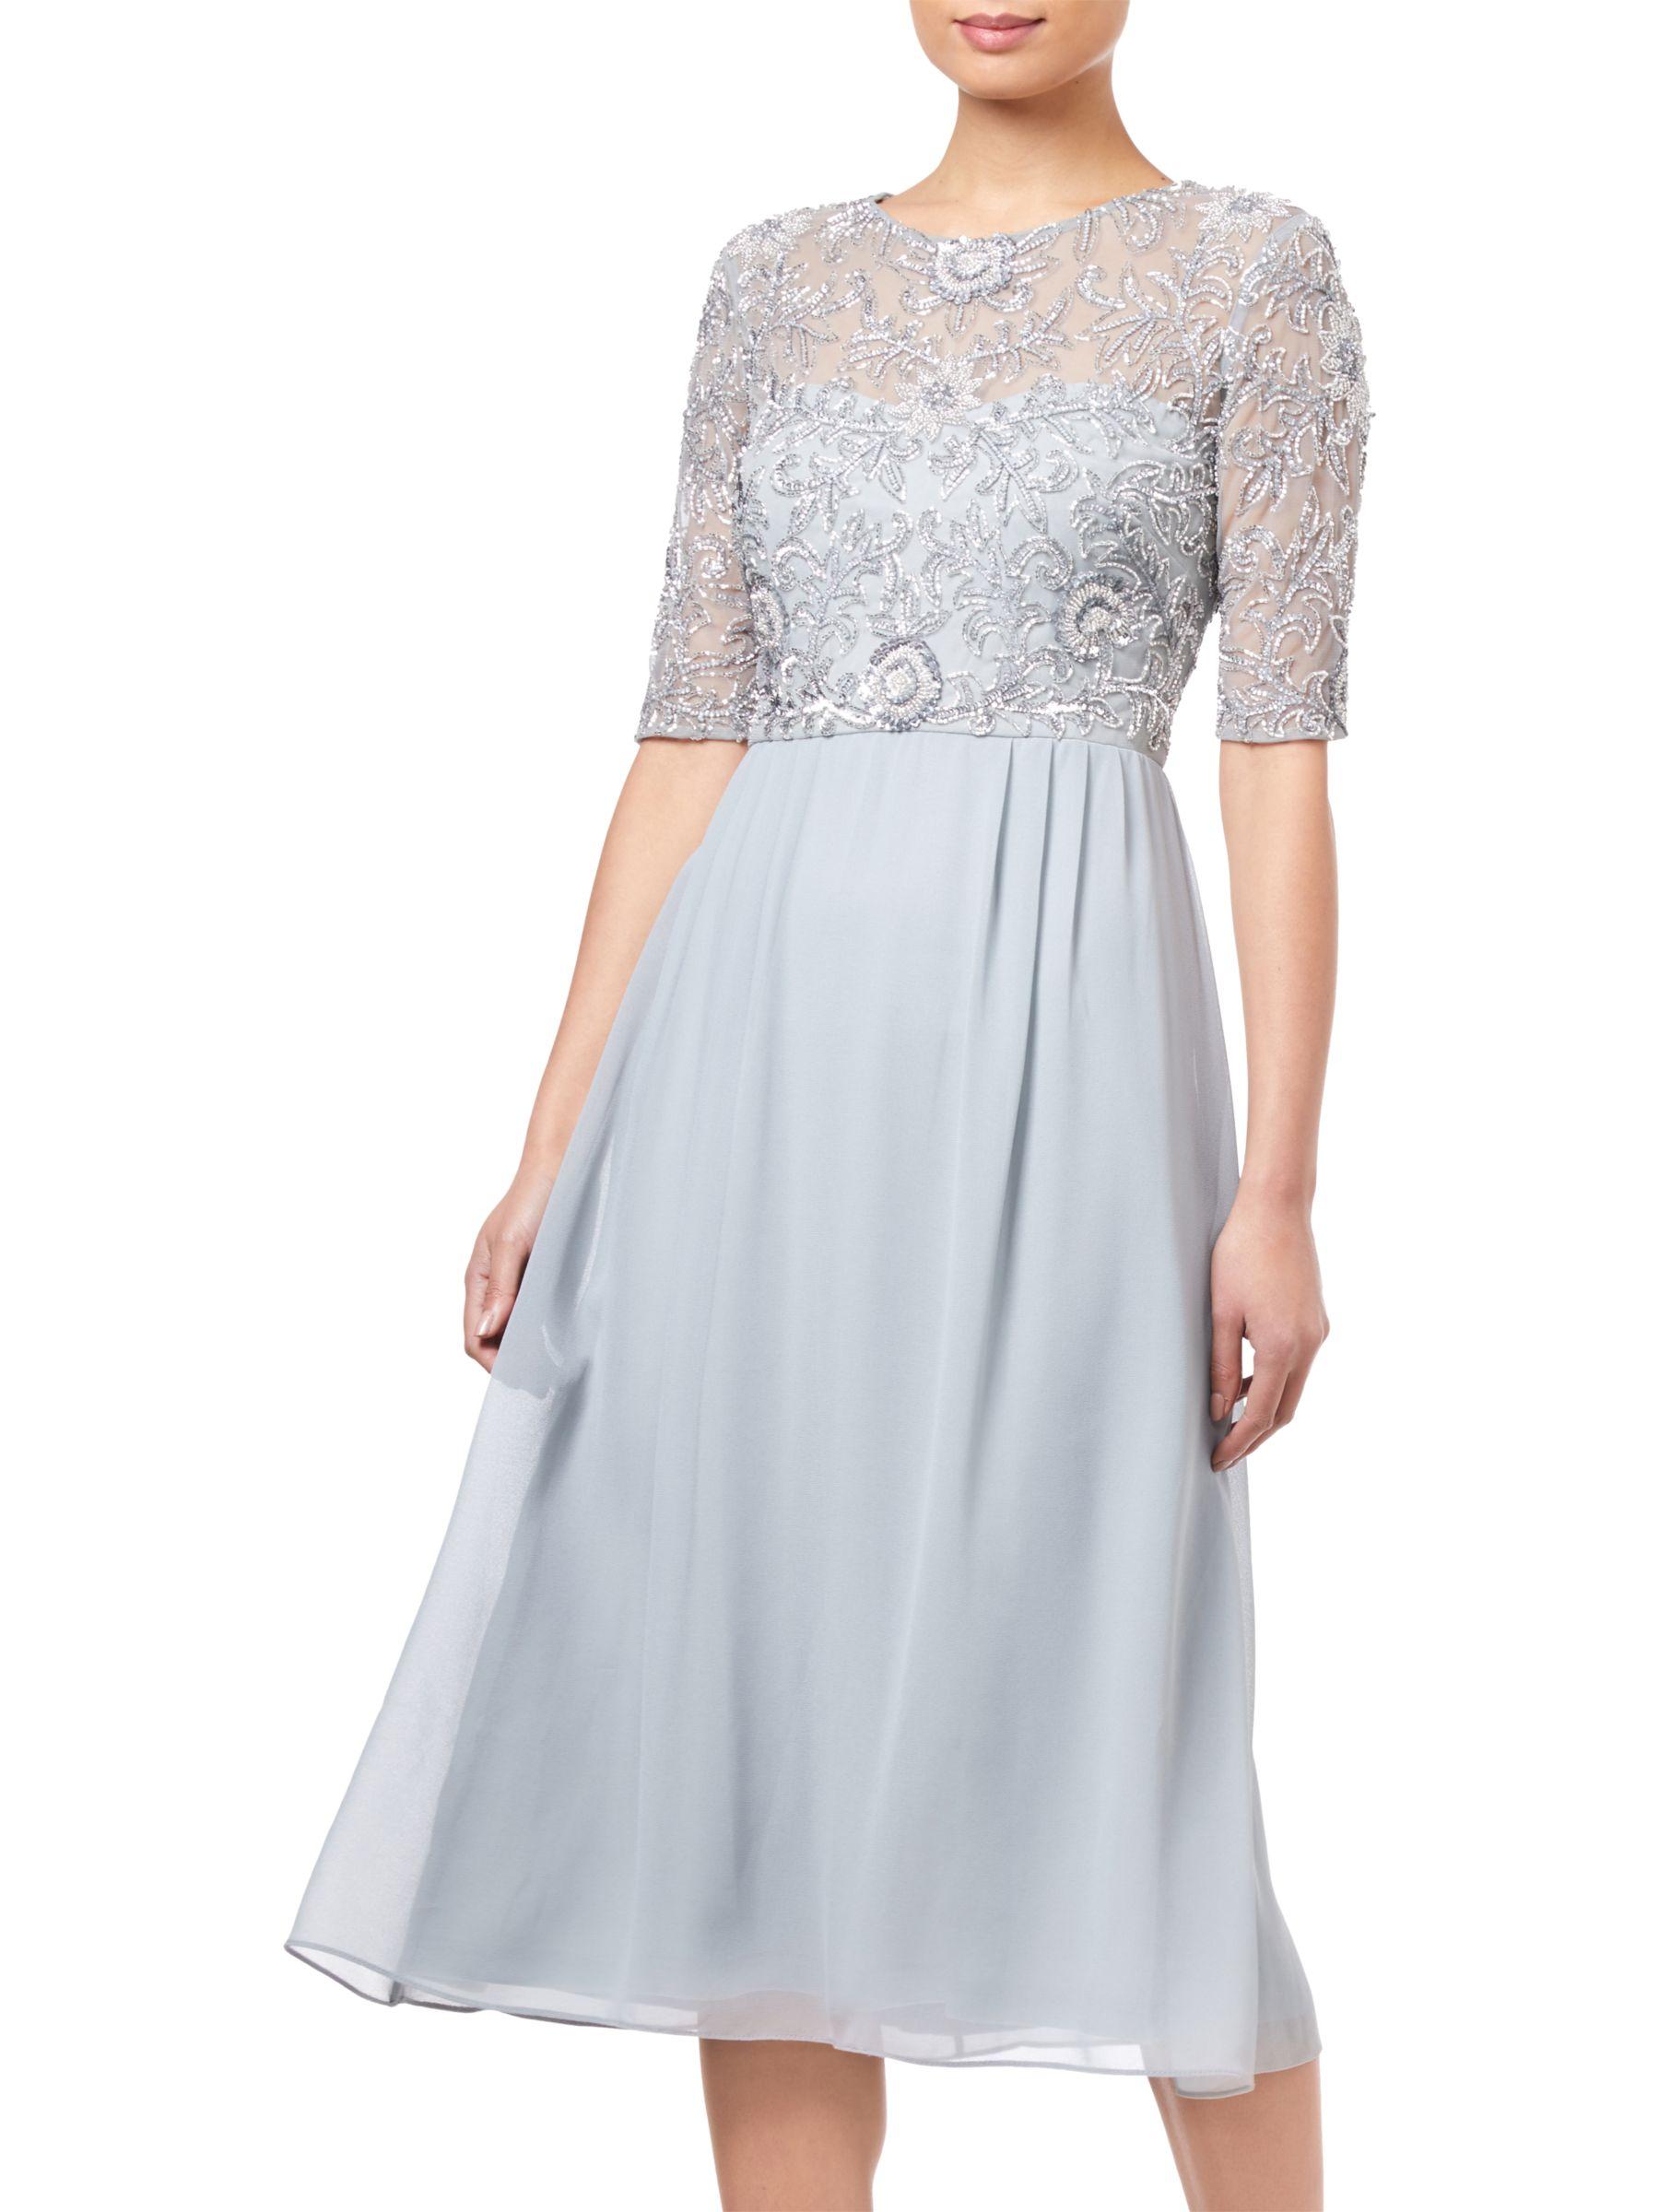 Adrianna Papell Beaded Midi Dress, Blue Mist at John Lewis